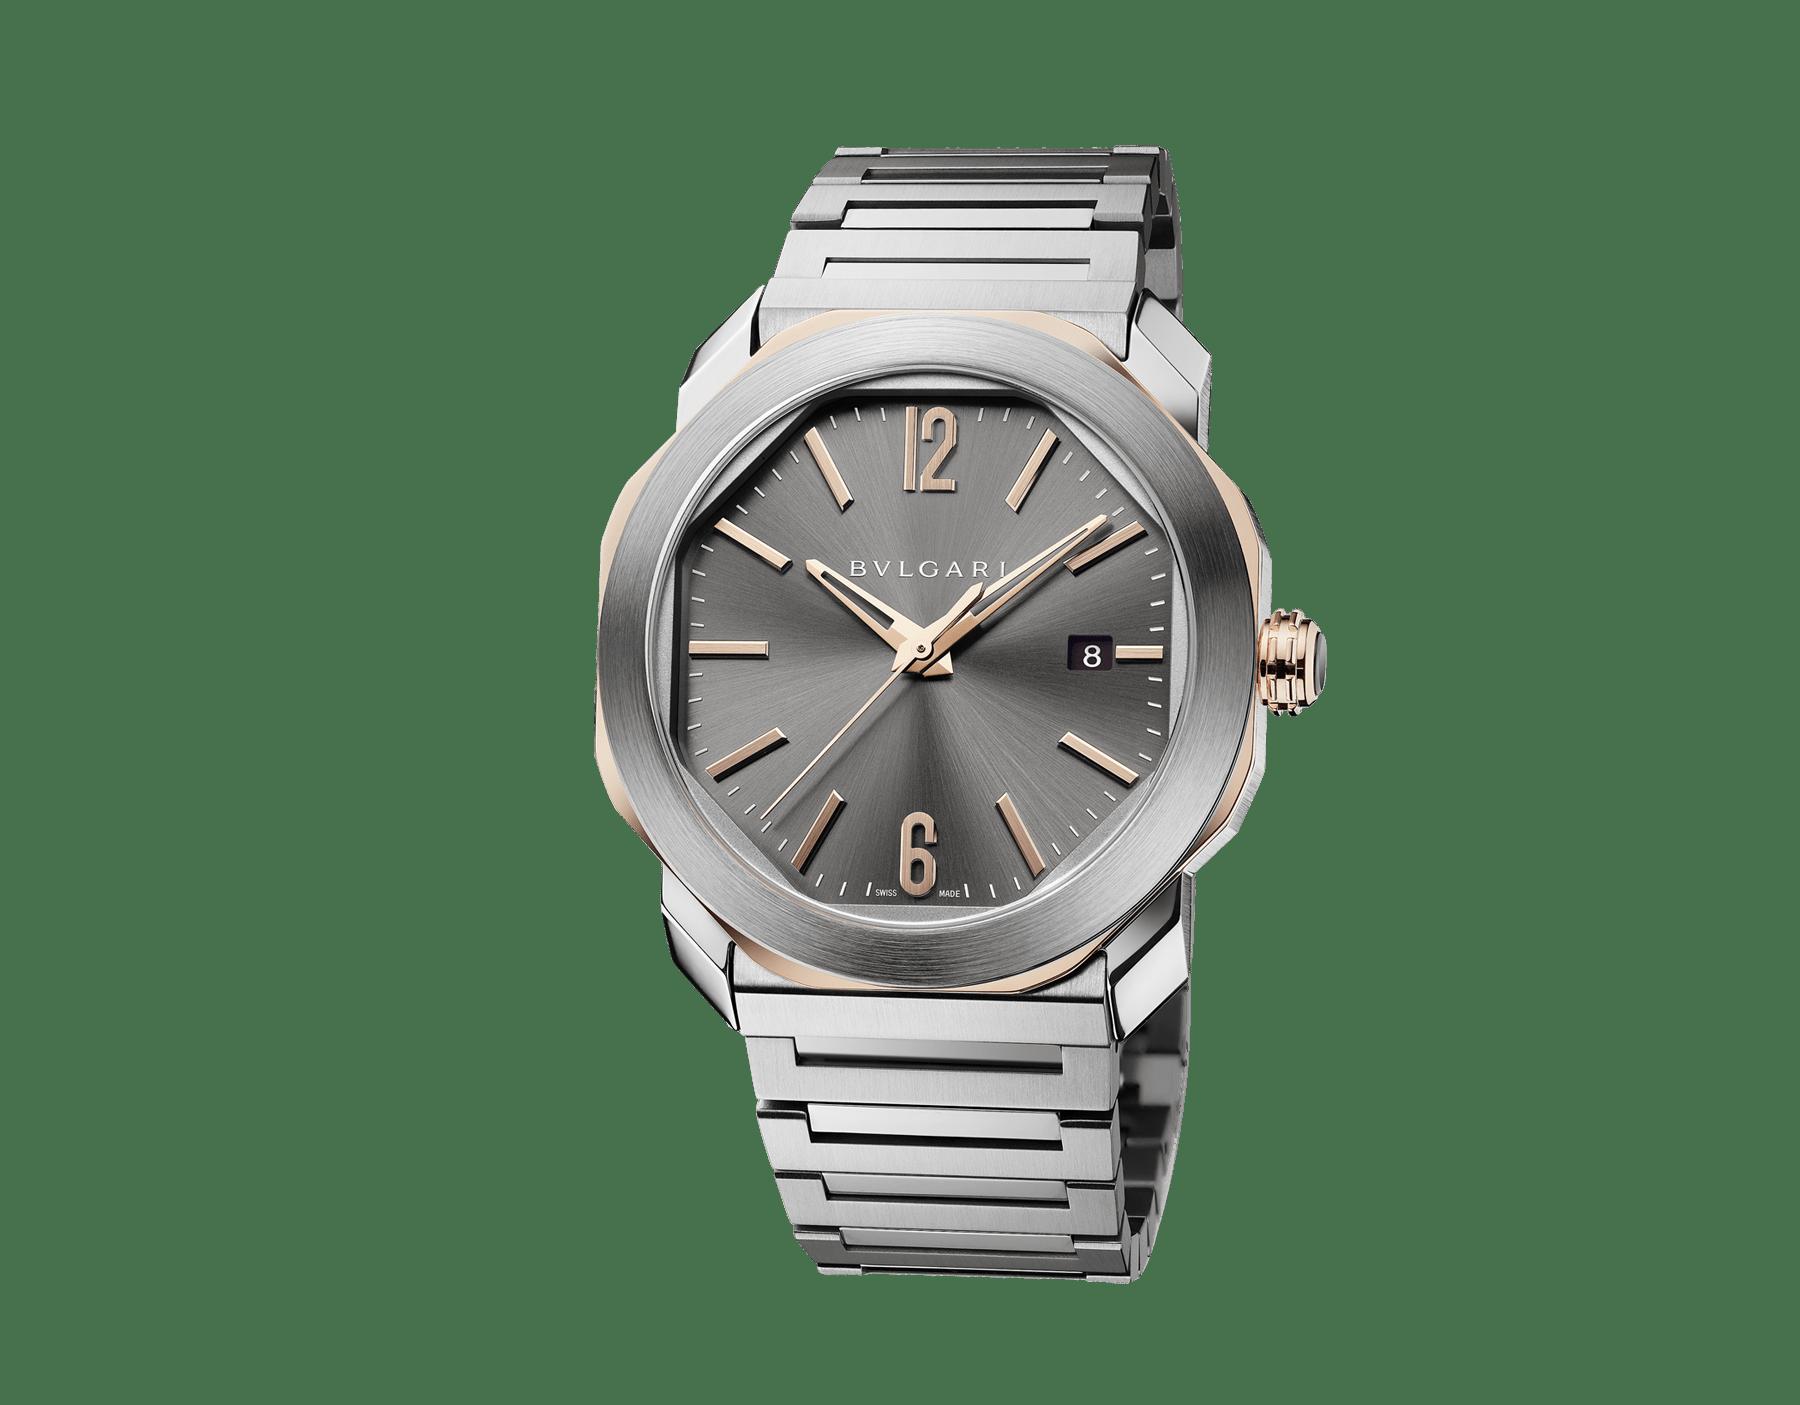 Octo Roma 腕錶搭載機械機芯,自動上鍊,日期顯示,精鋼錶殼,18K 玫瑰金八角造型,透明底蓋,霧黑色錶盤,精鋼錶帶。 103083 image 2